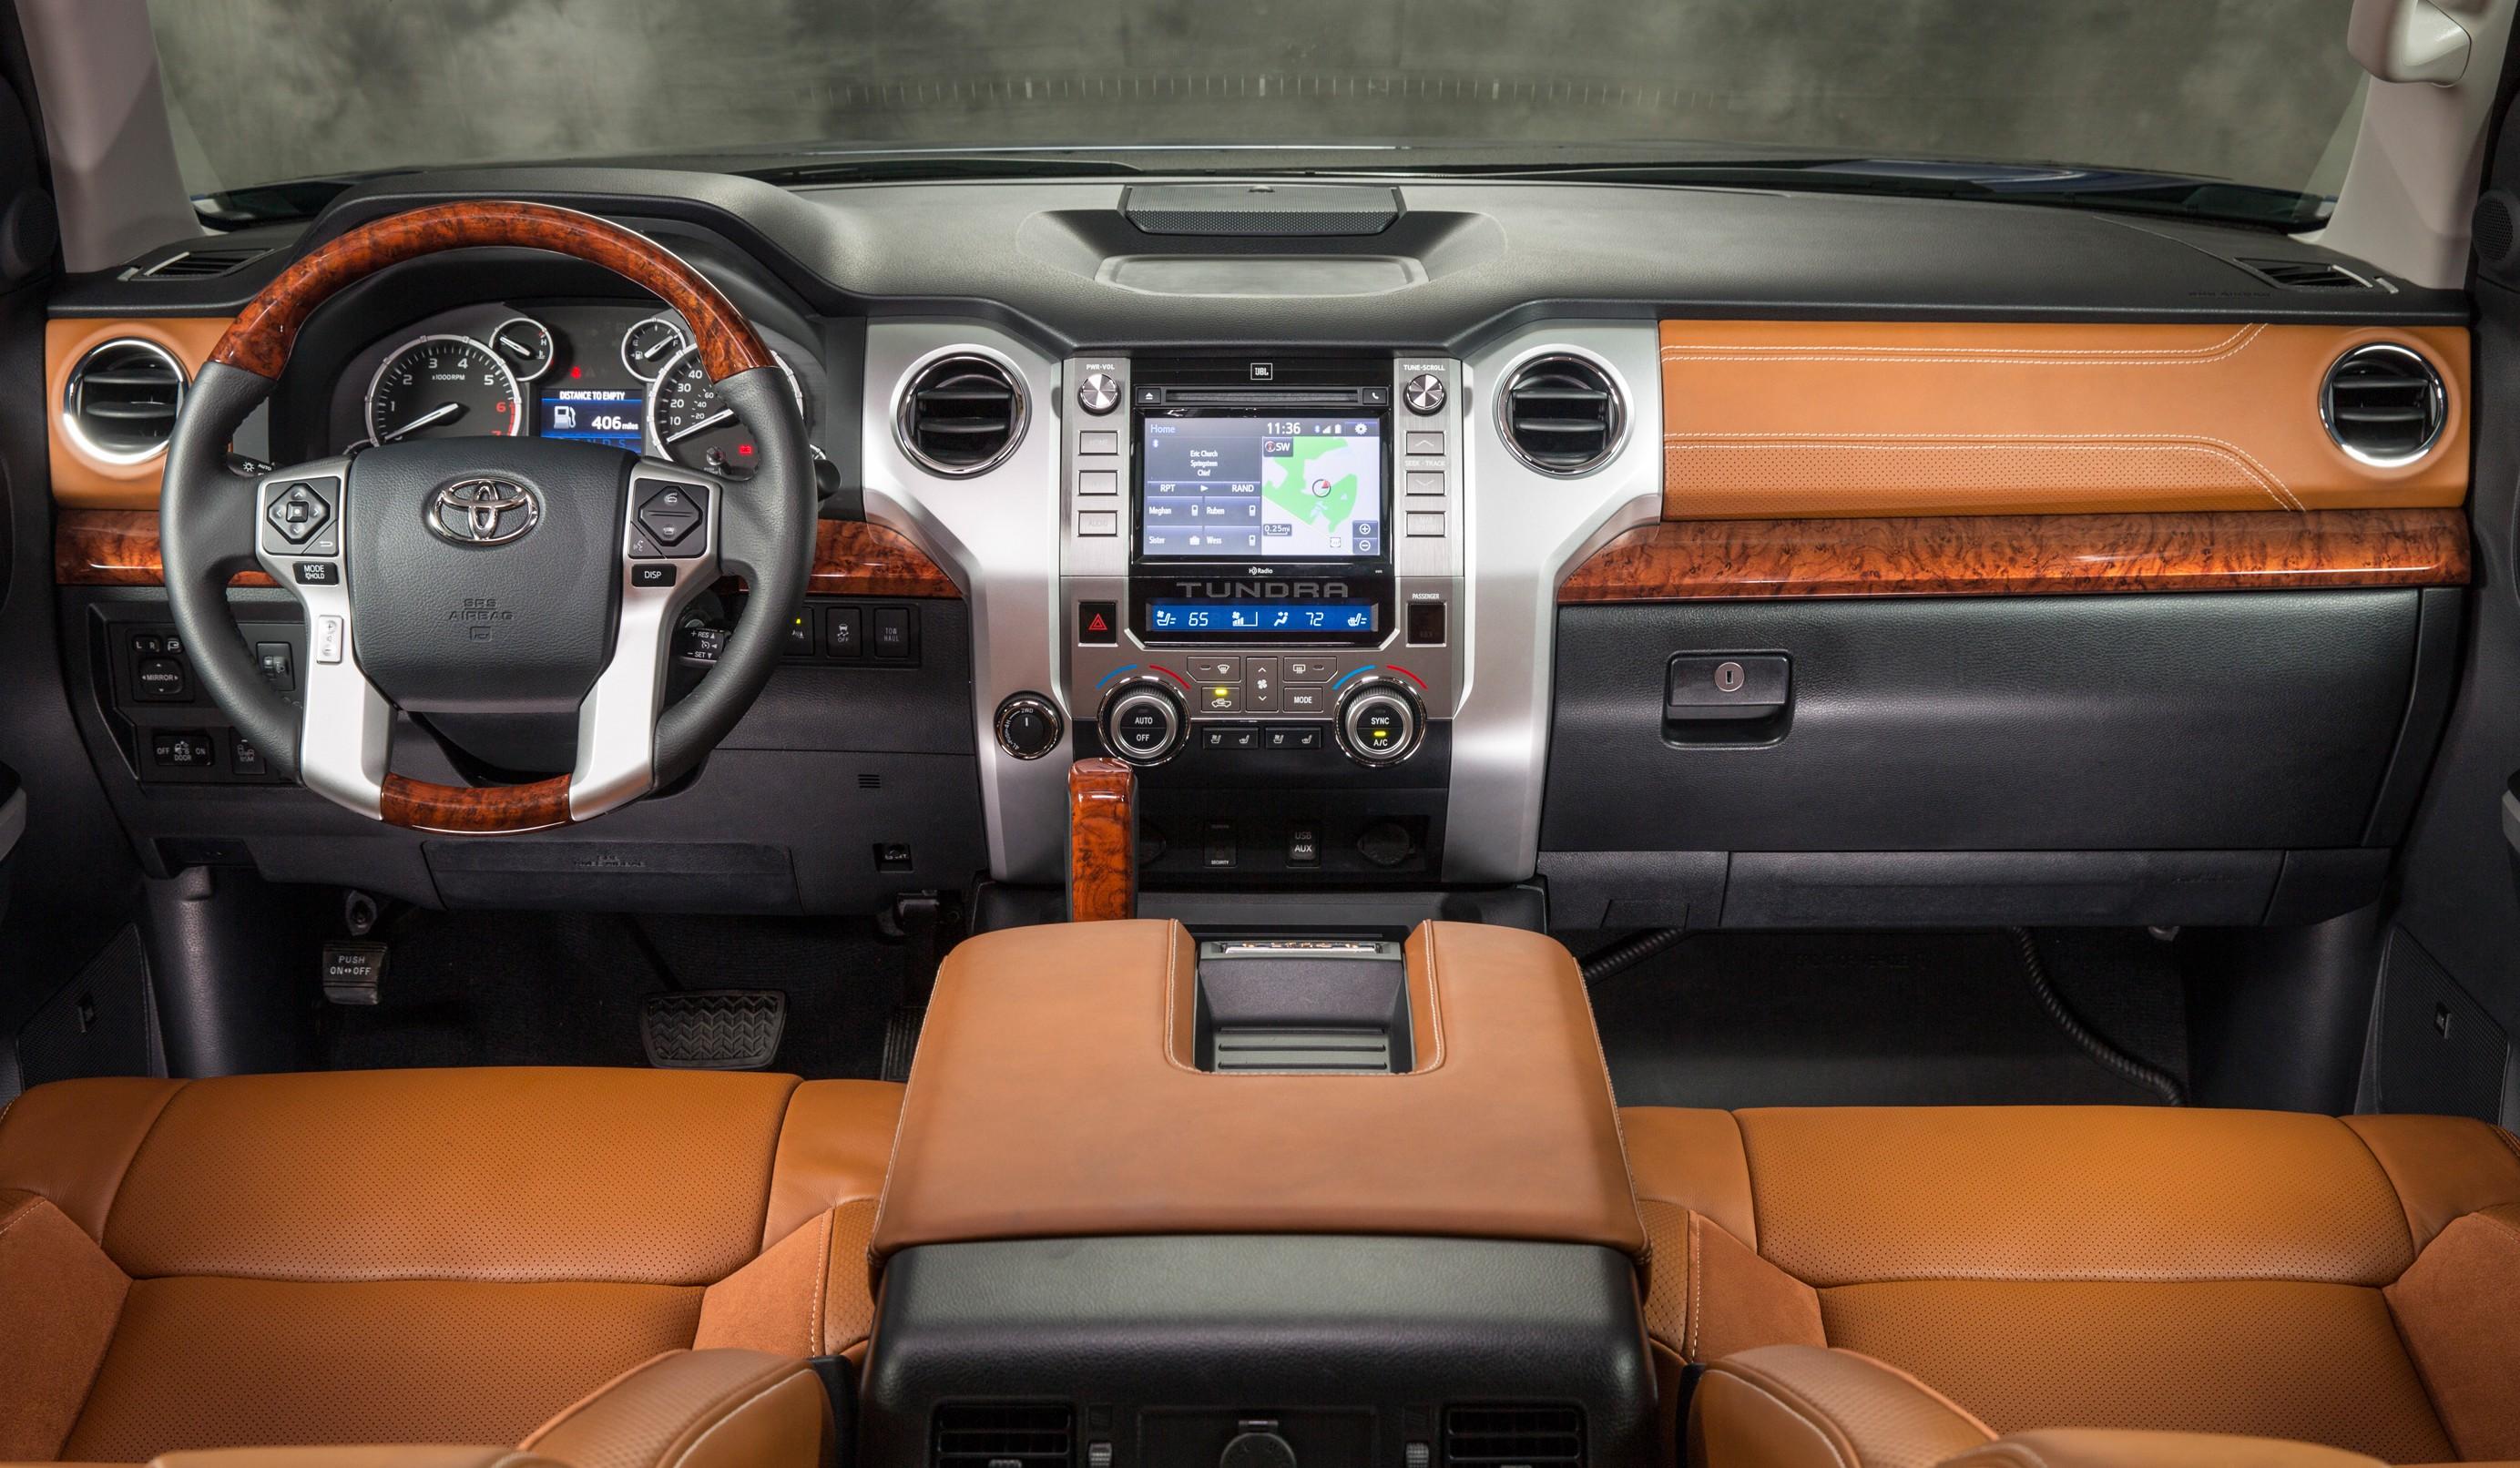 Toyota Tundra subject of